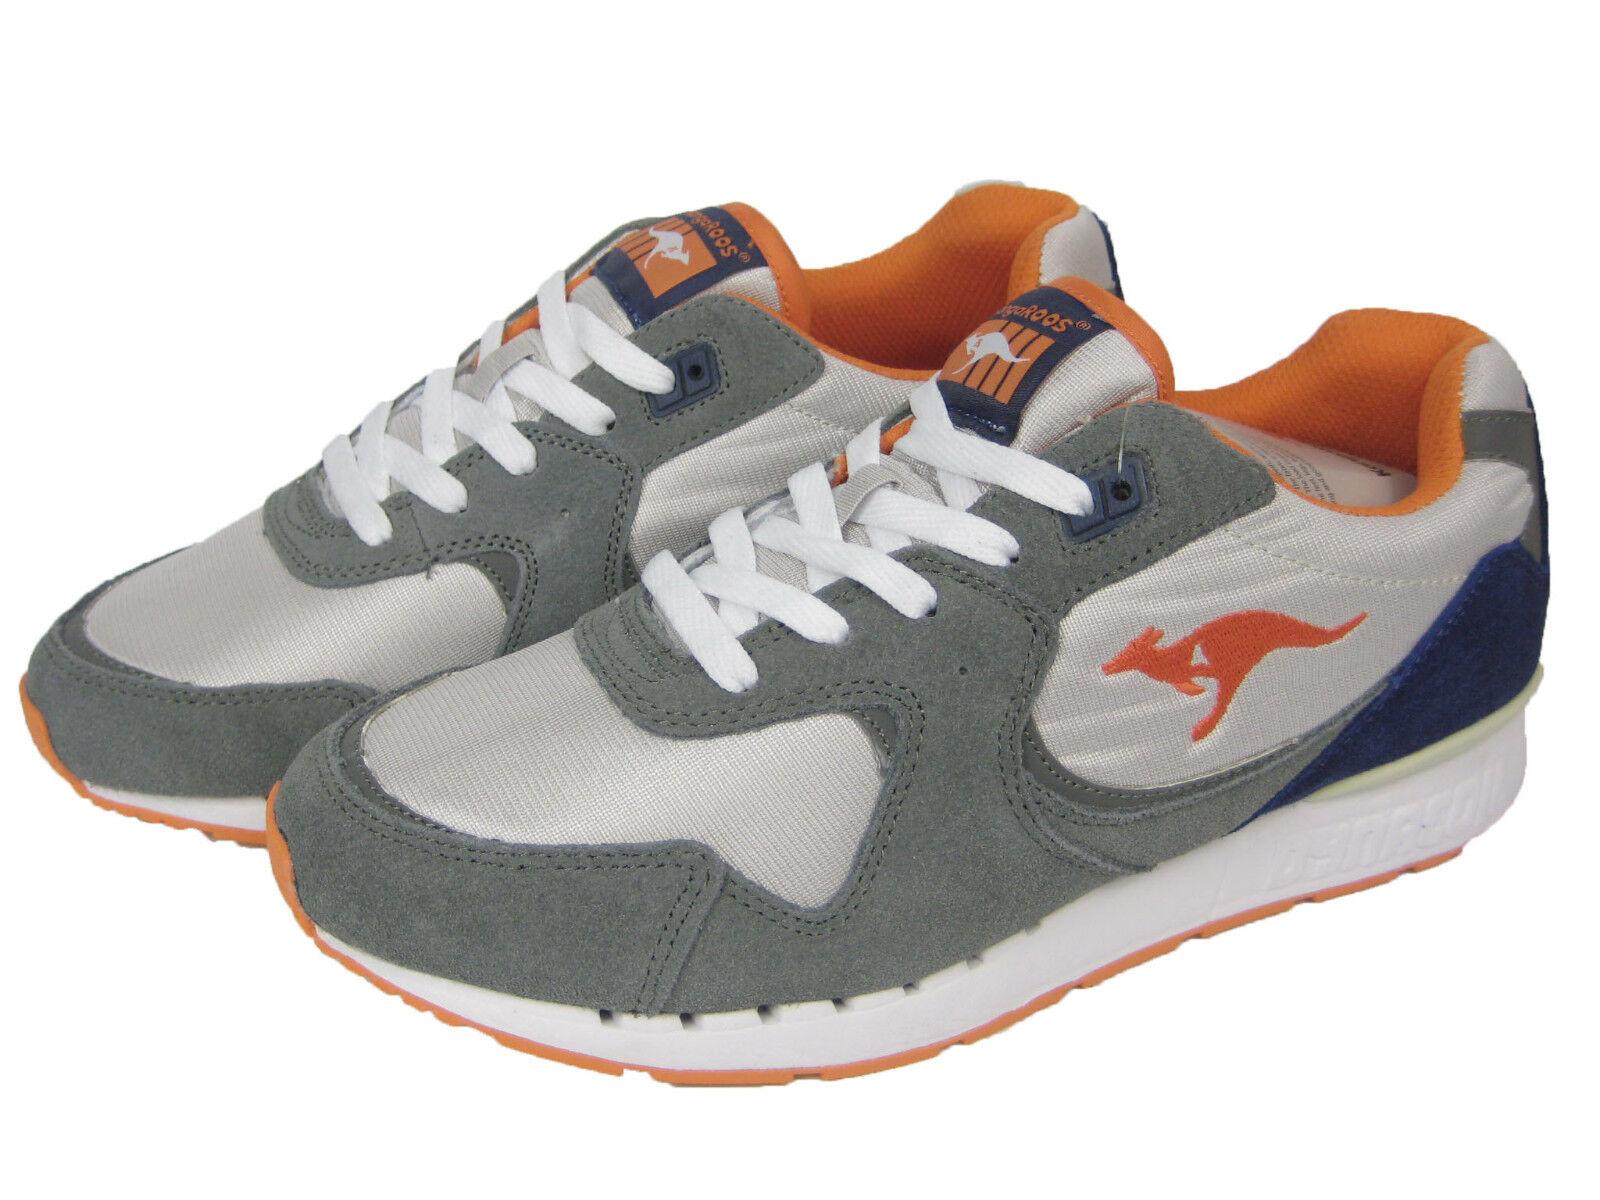 KangaROOS Da Uomo Scarpa Sneaker Scarpe Running Uomo Low coil-r2 Grigio/Arancione Scarpe classiche da uomo